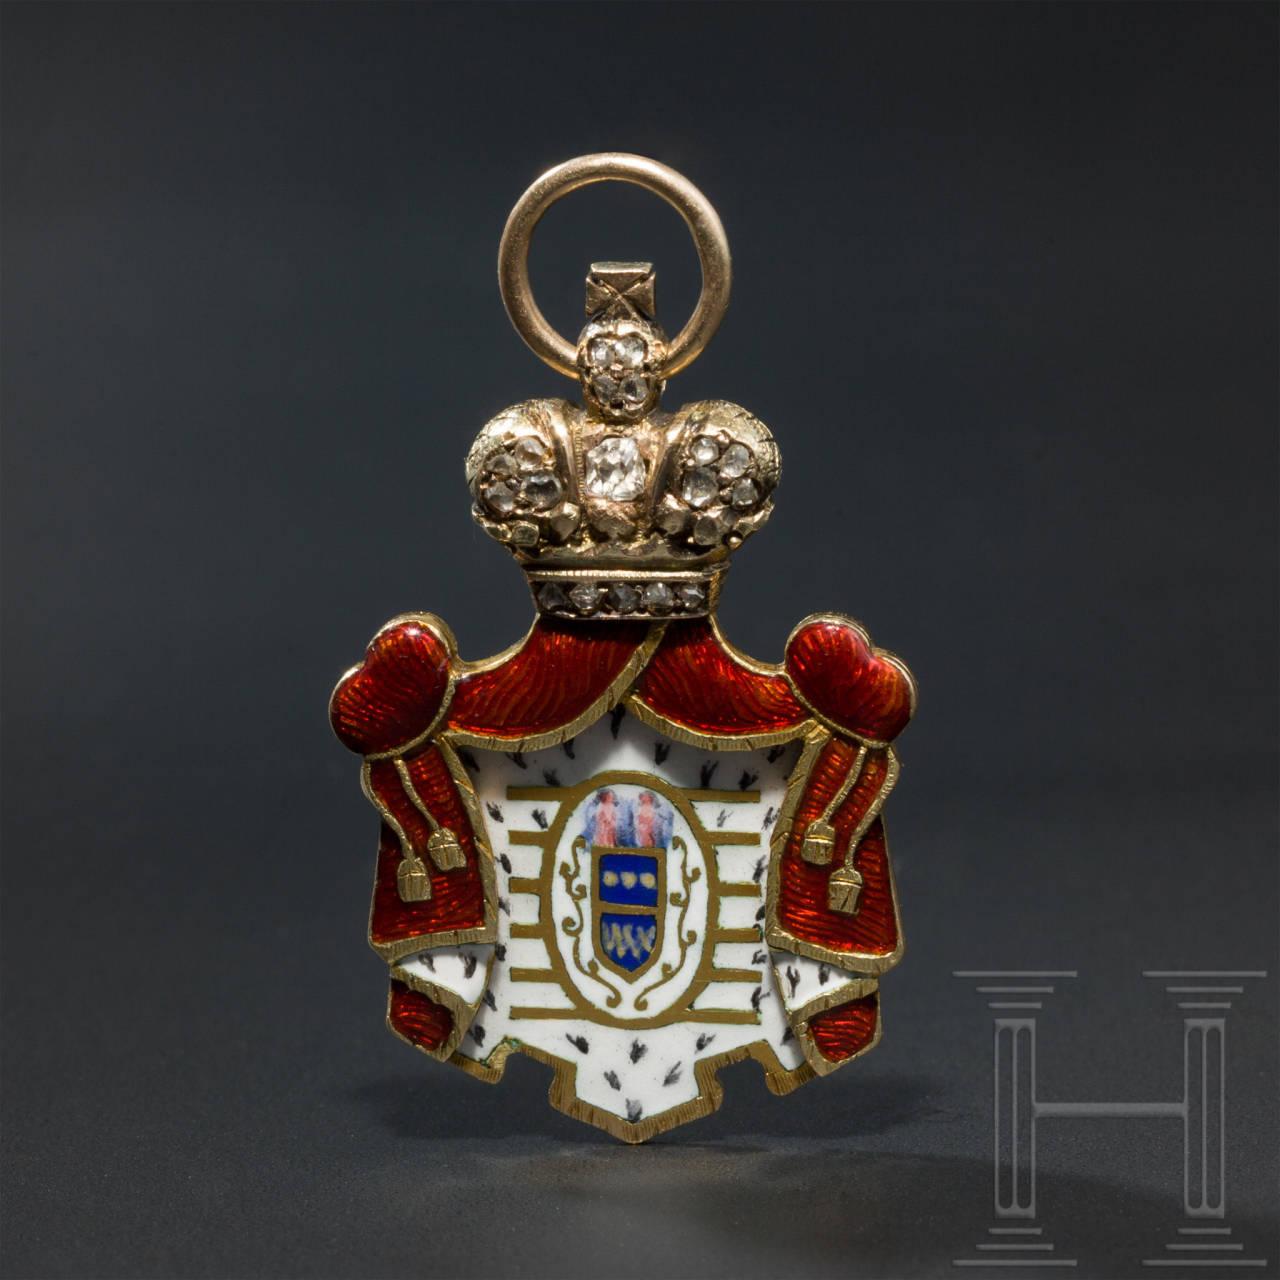 Apr. 2019. Das Auktionshaus Zwack ist international tätig, veranstaltet 4 Auktionen/Jahr.